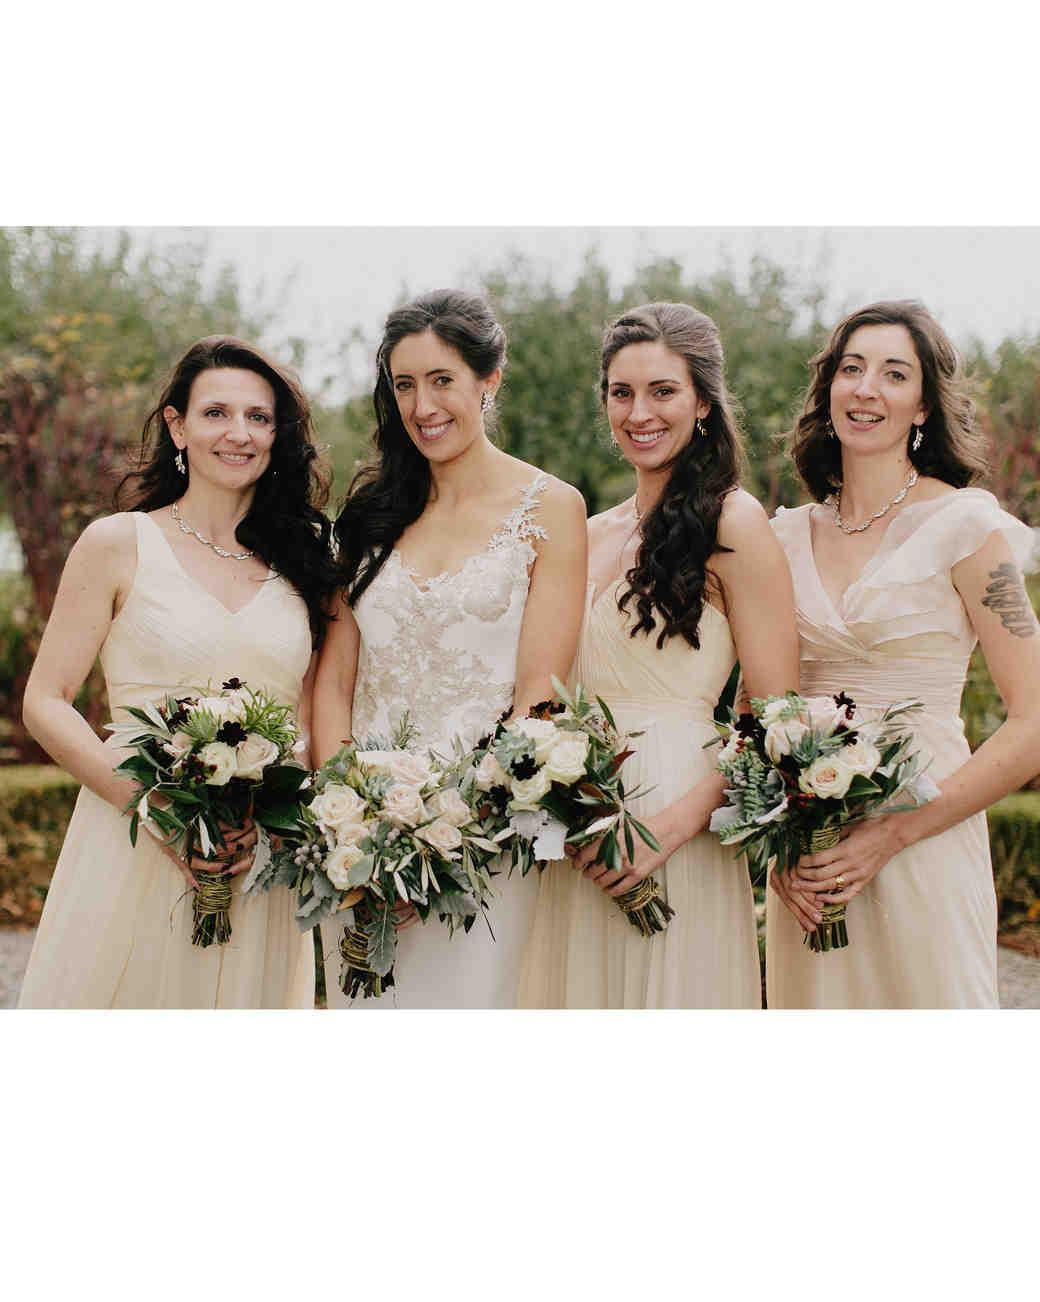 rosie-constantine-wedding-bridesmaids-357-s112177-1015.jpg